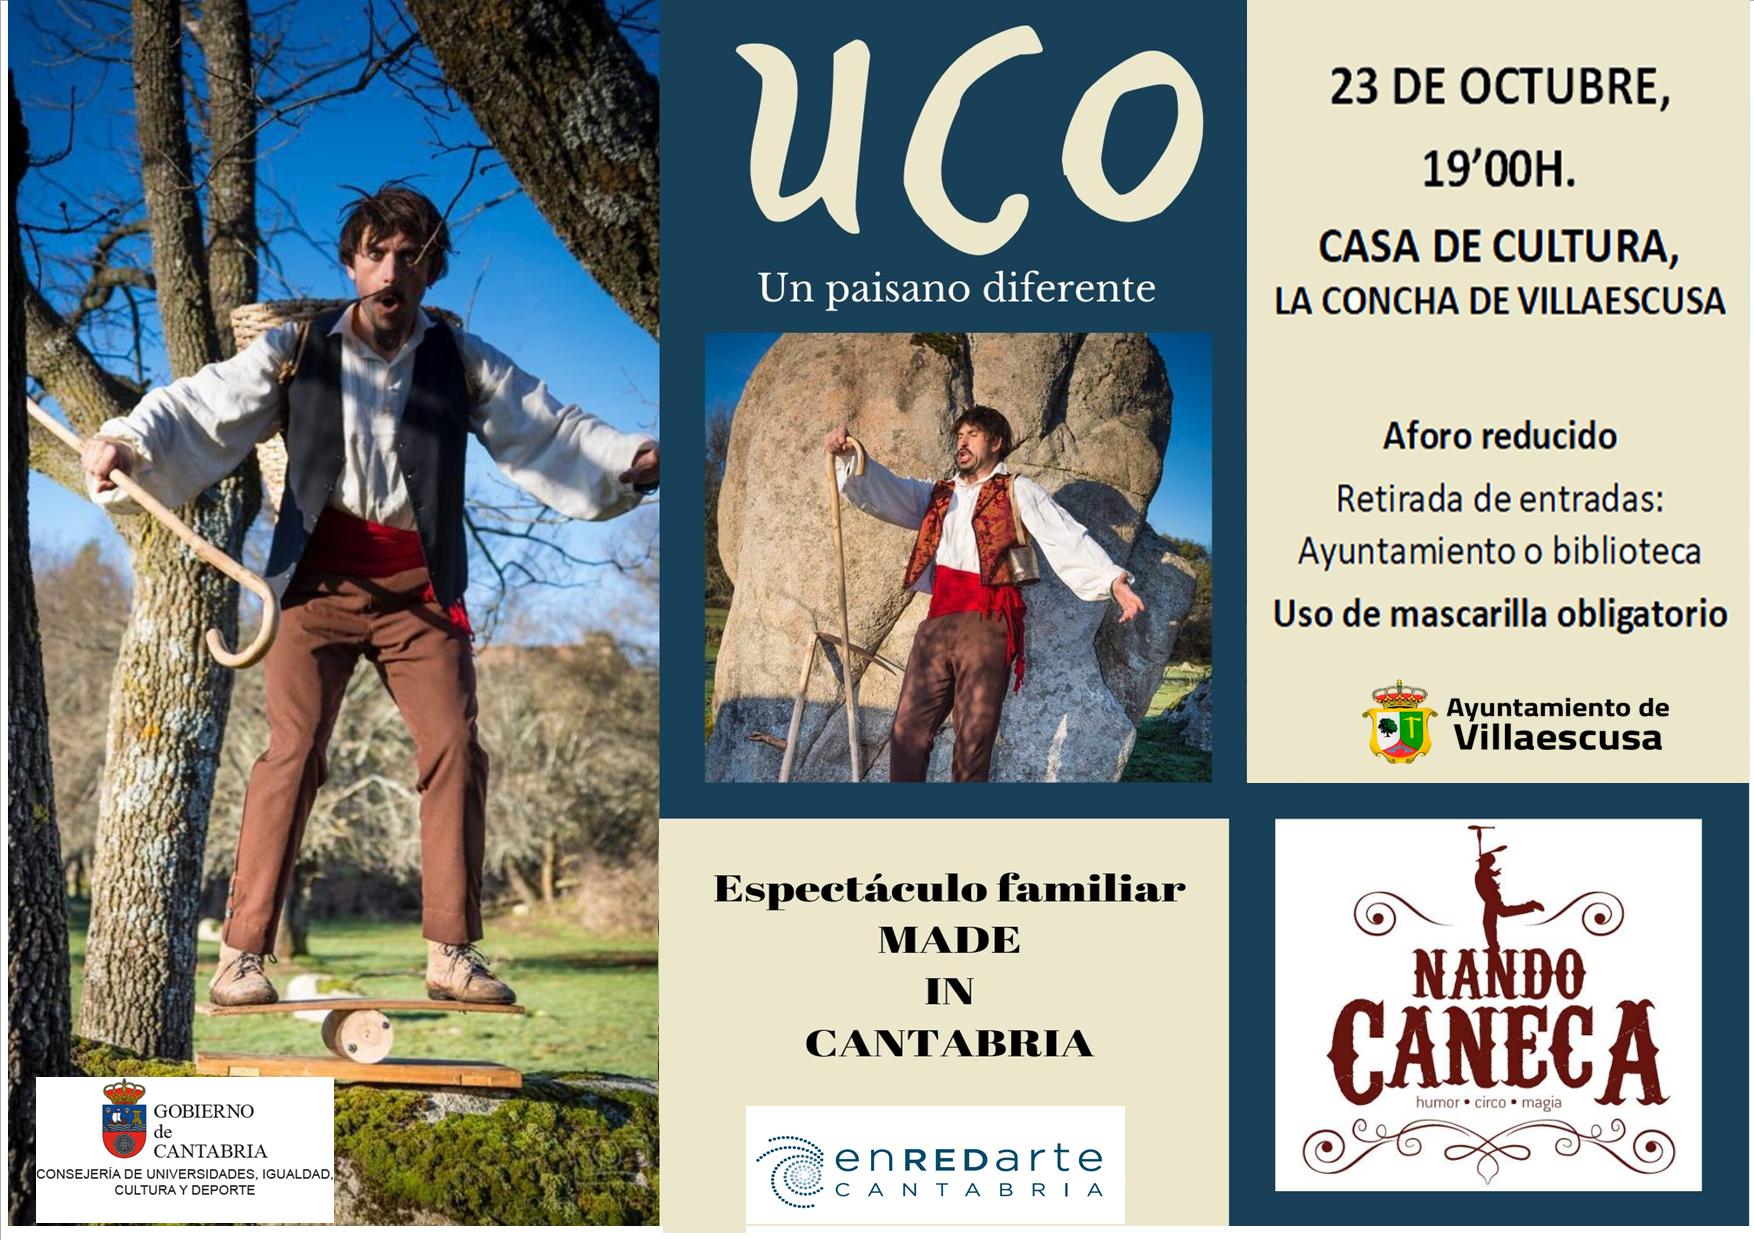 Cartel Nando Caneca